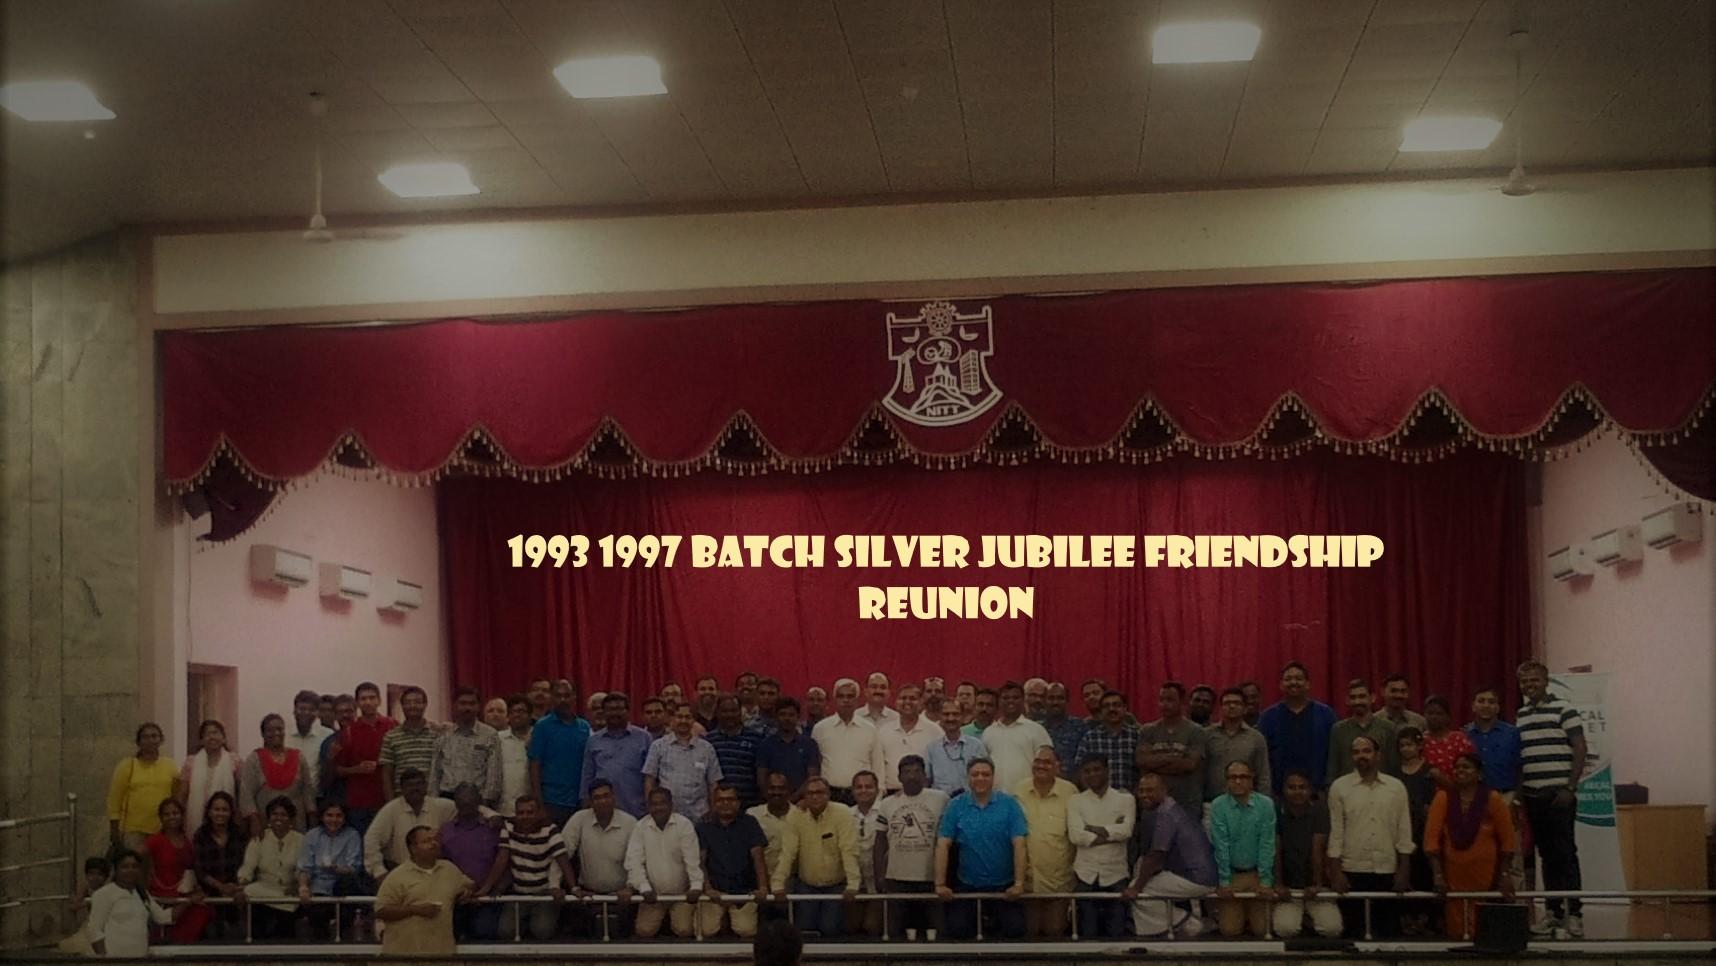 1993_1997_reunion_banner